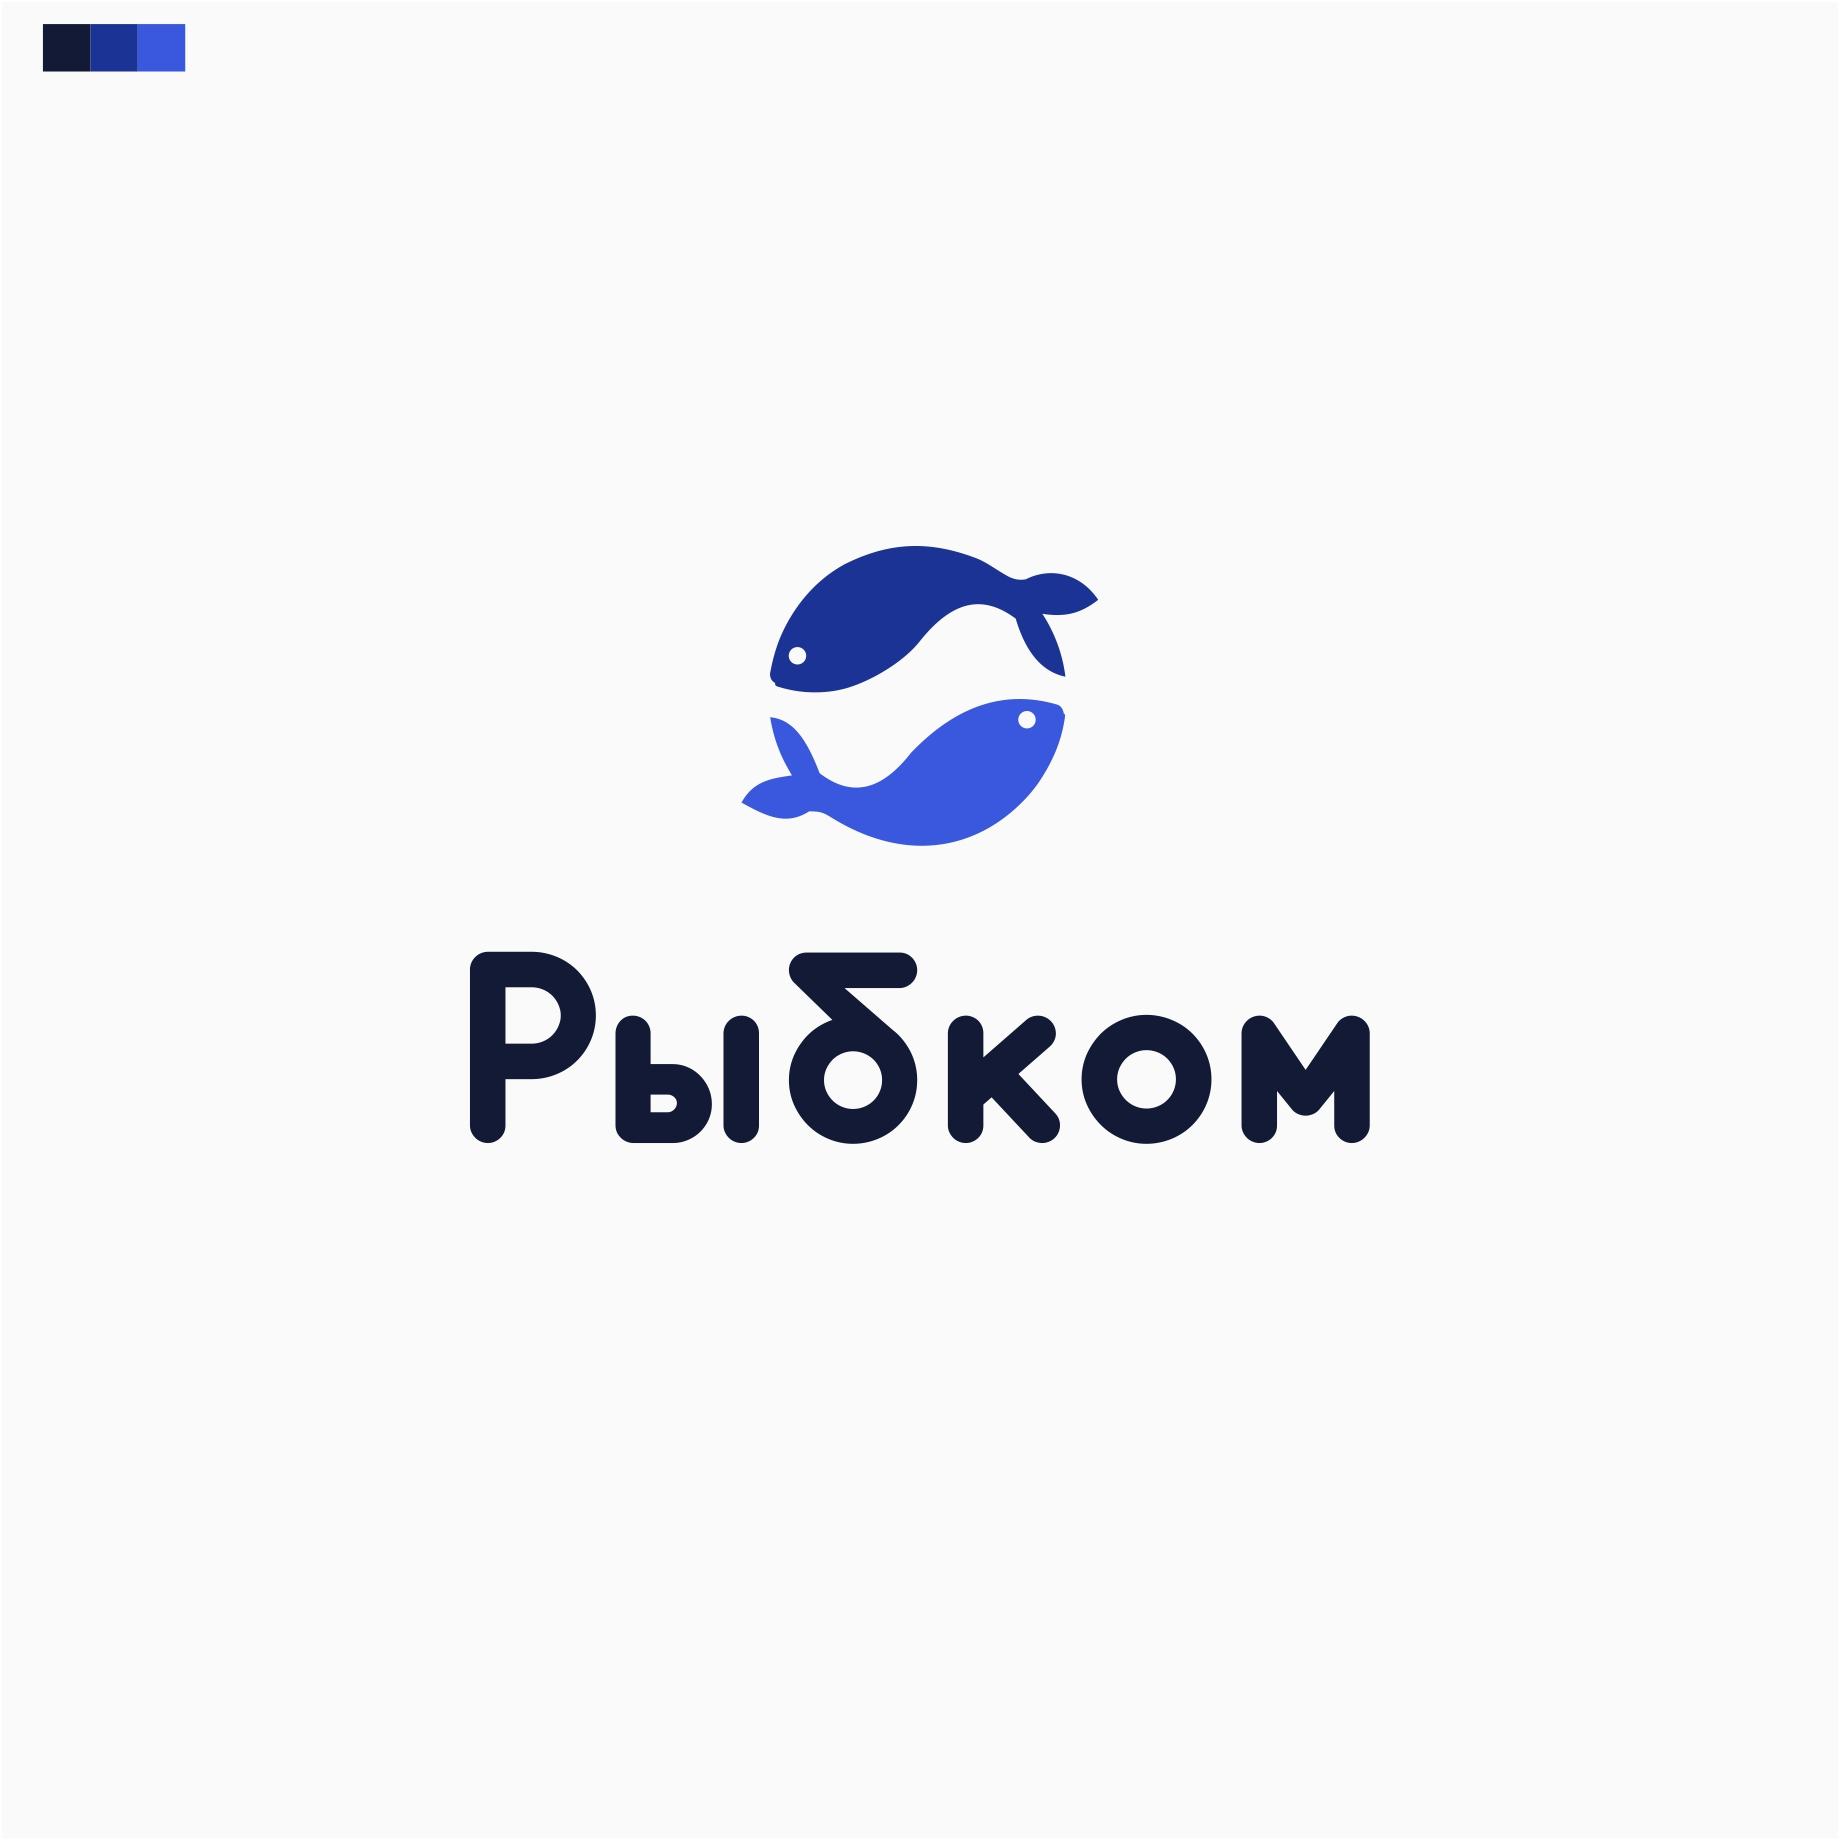 Создание логотипа и брэндбука для компании РЫБКОМ фото f_9345c164c821e61c.jpg